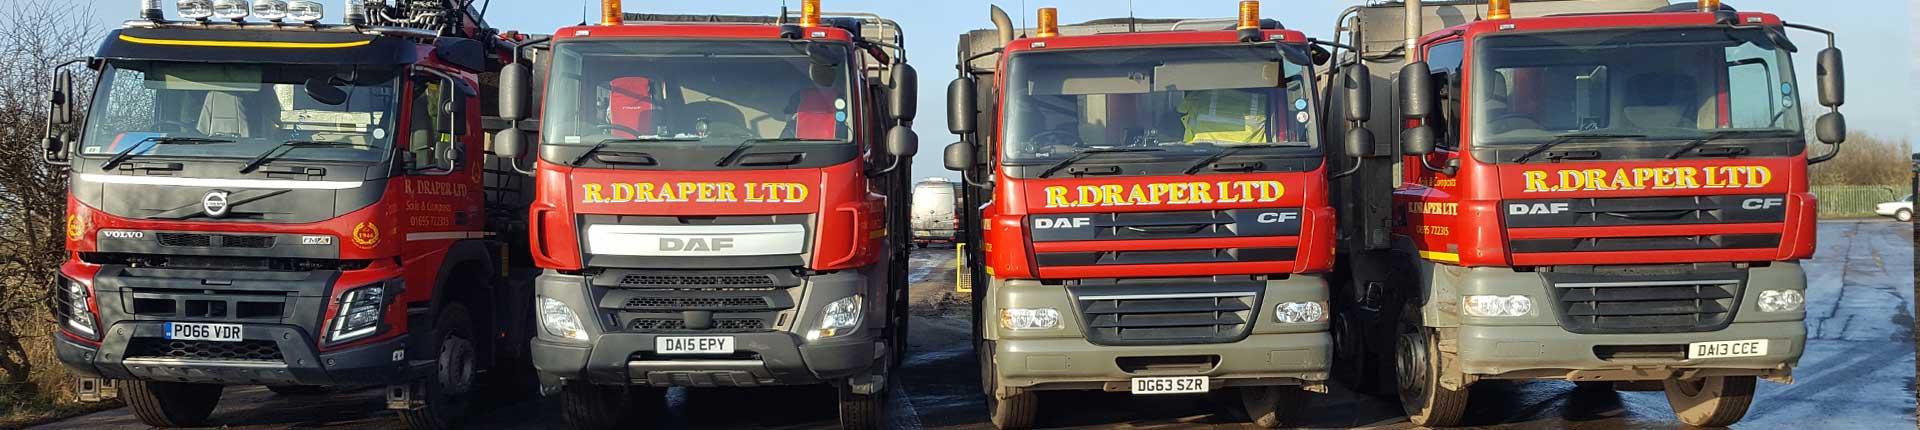 R Draper Ltd